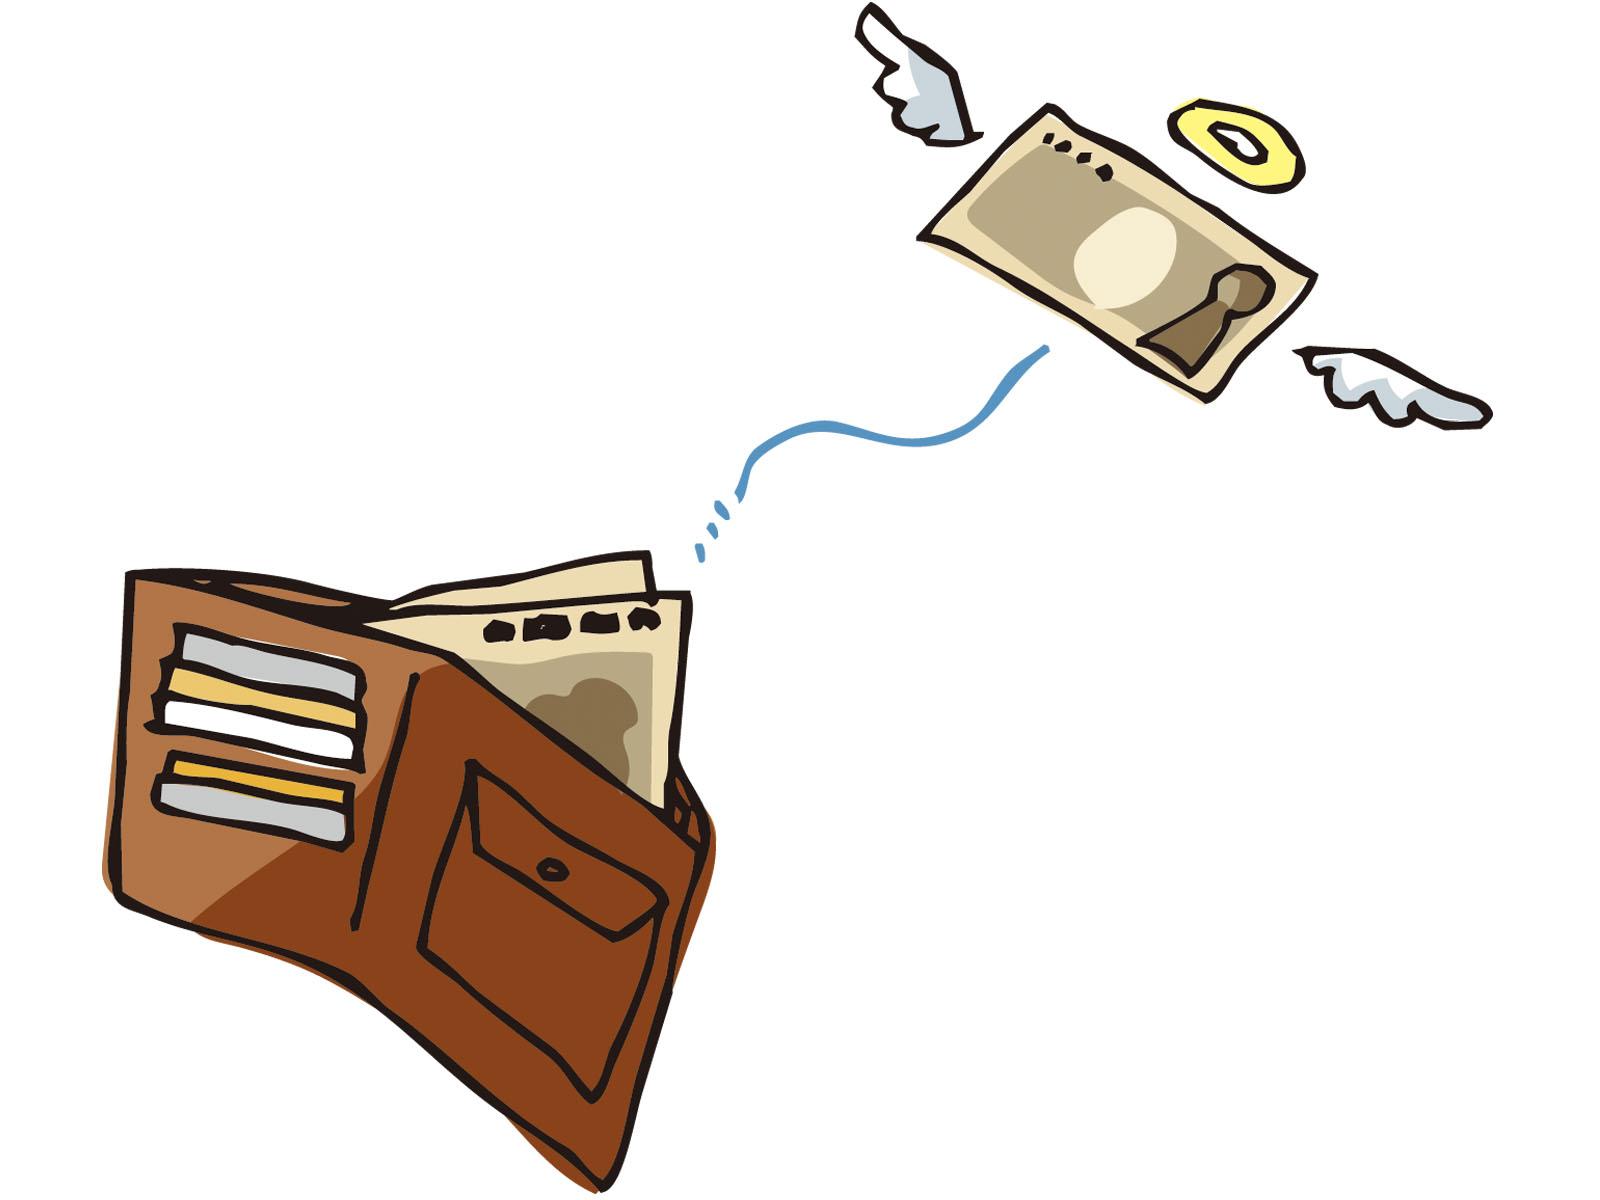 赤字の繰越控除の説明